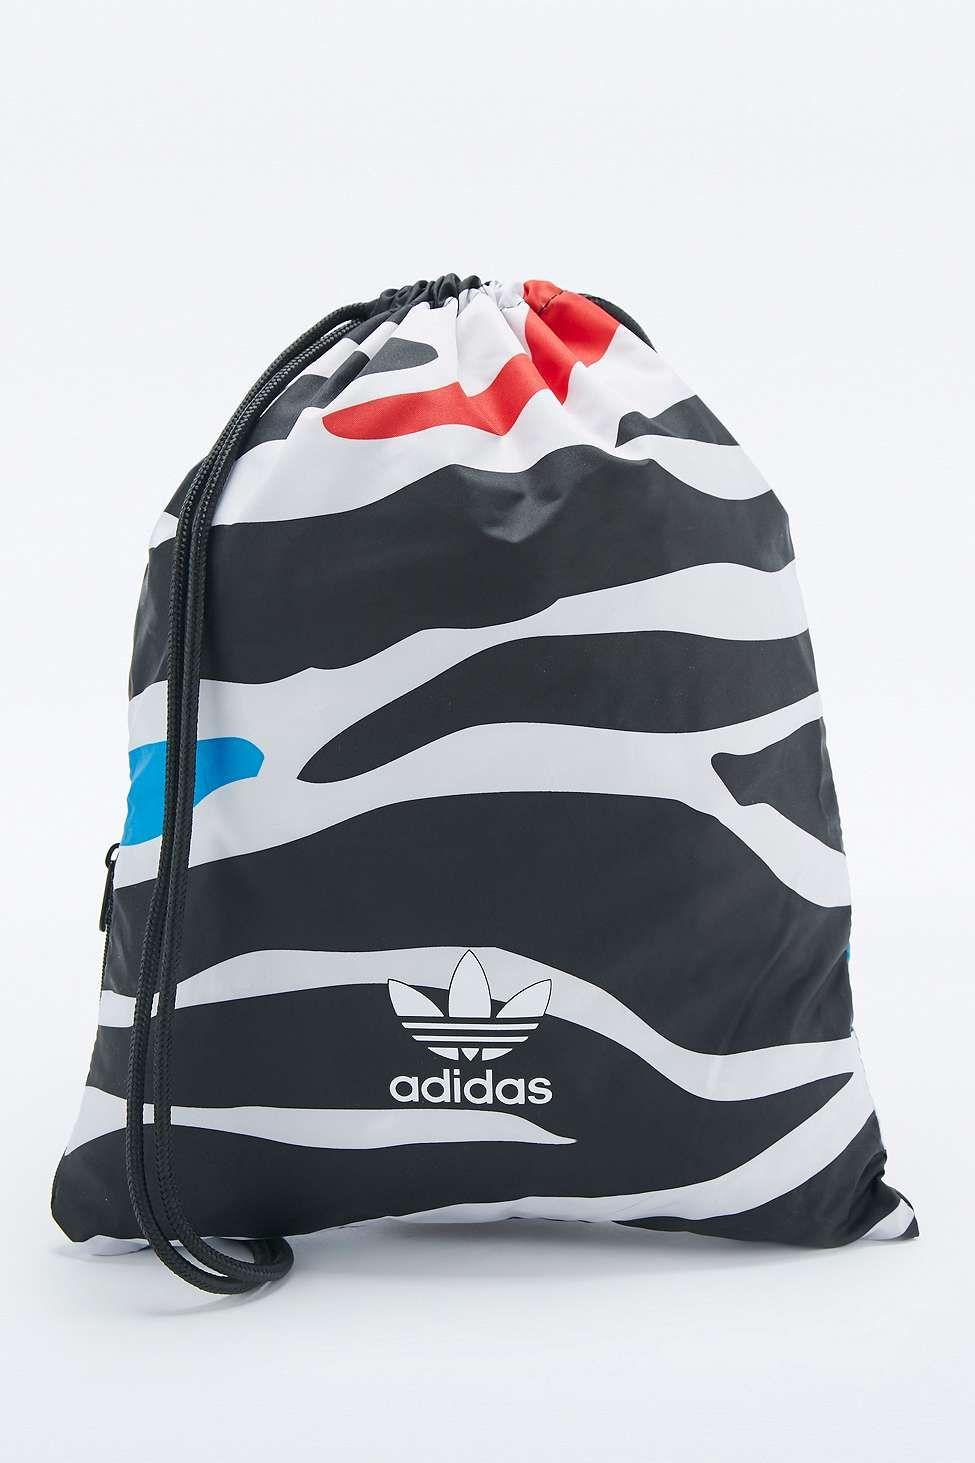 fc974556e4a3 adidas Originals Zebra Print Drawstring Gymsack